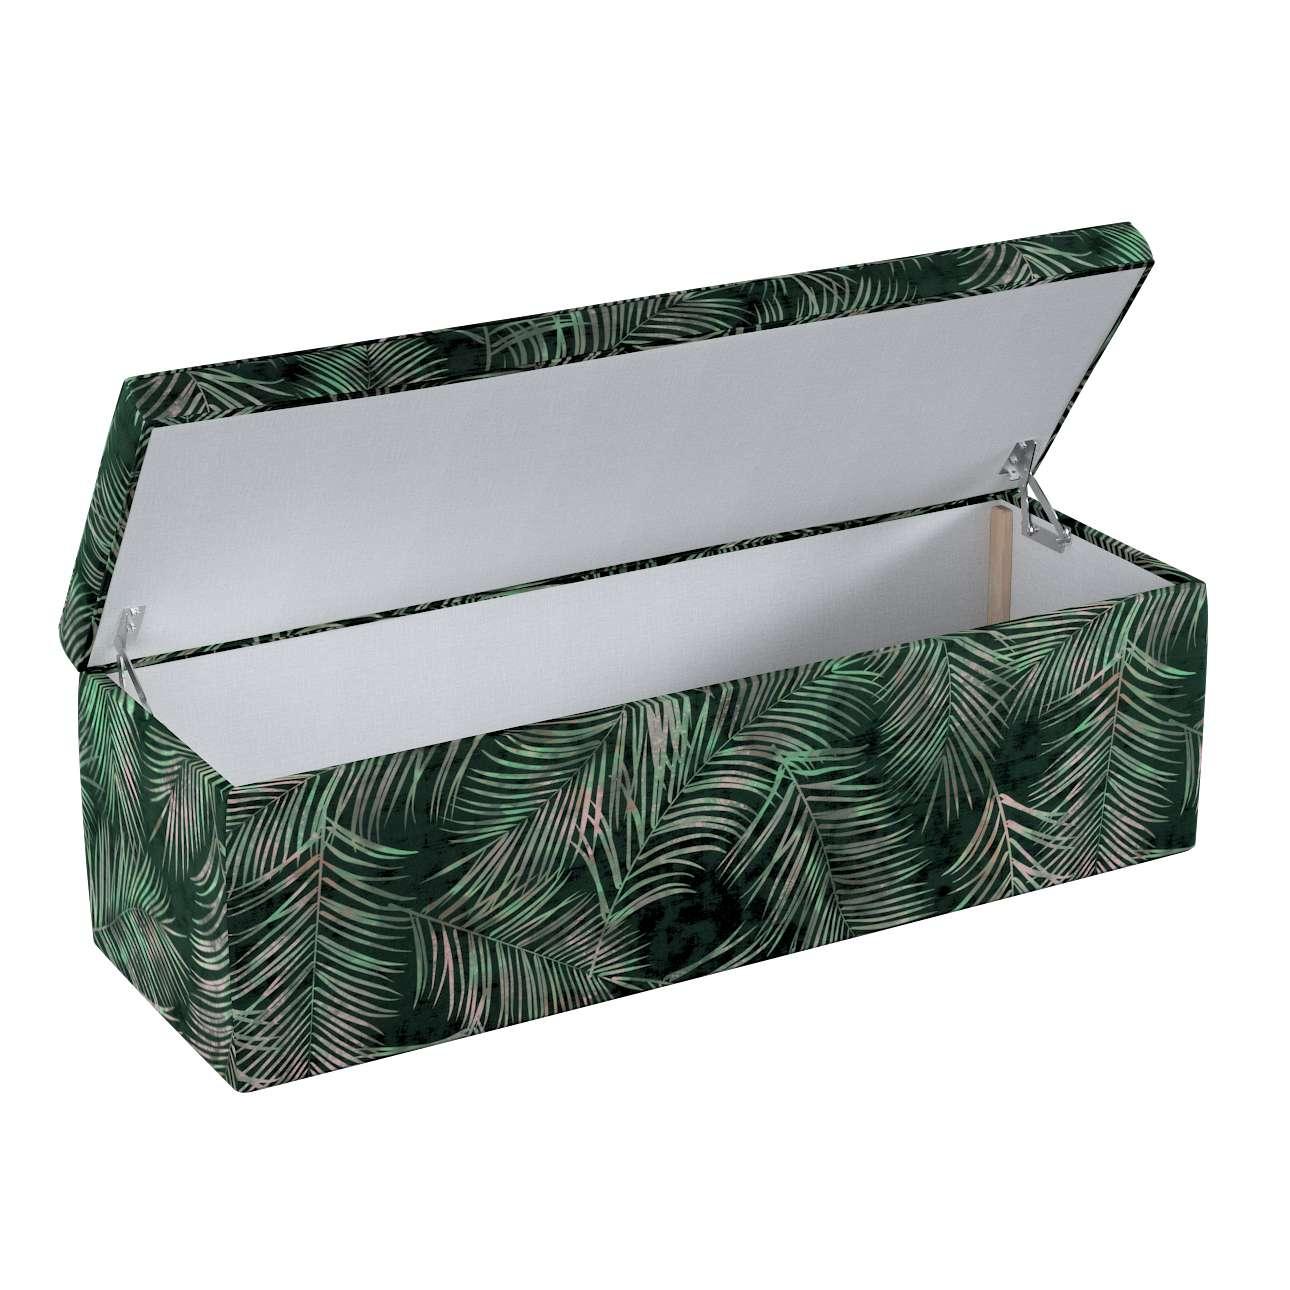 Dežė/skrynia/daiktadėžė kolekcijoje Velvet/Aksomas, audinys: 704-21